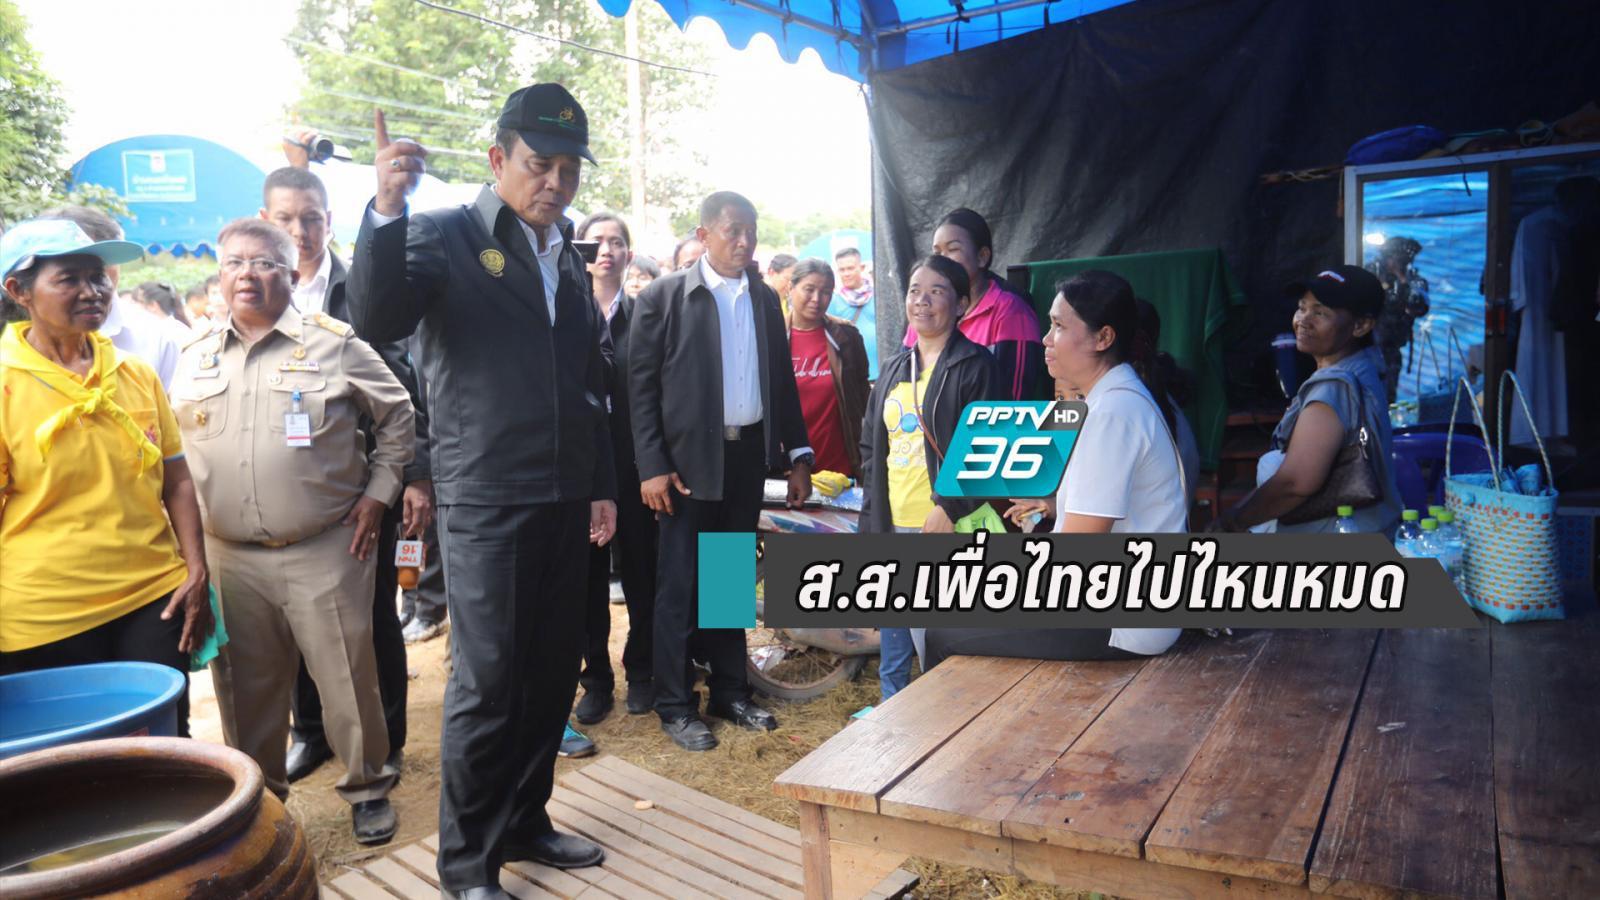 นายกฯเยี่ยมน้ำท่วมอุบลฯ ถามหาส.ส.เพื่อไทยไปไหนหมด